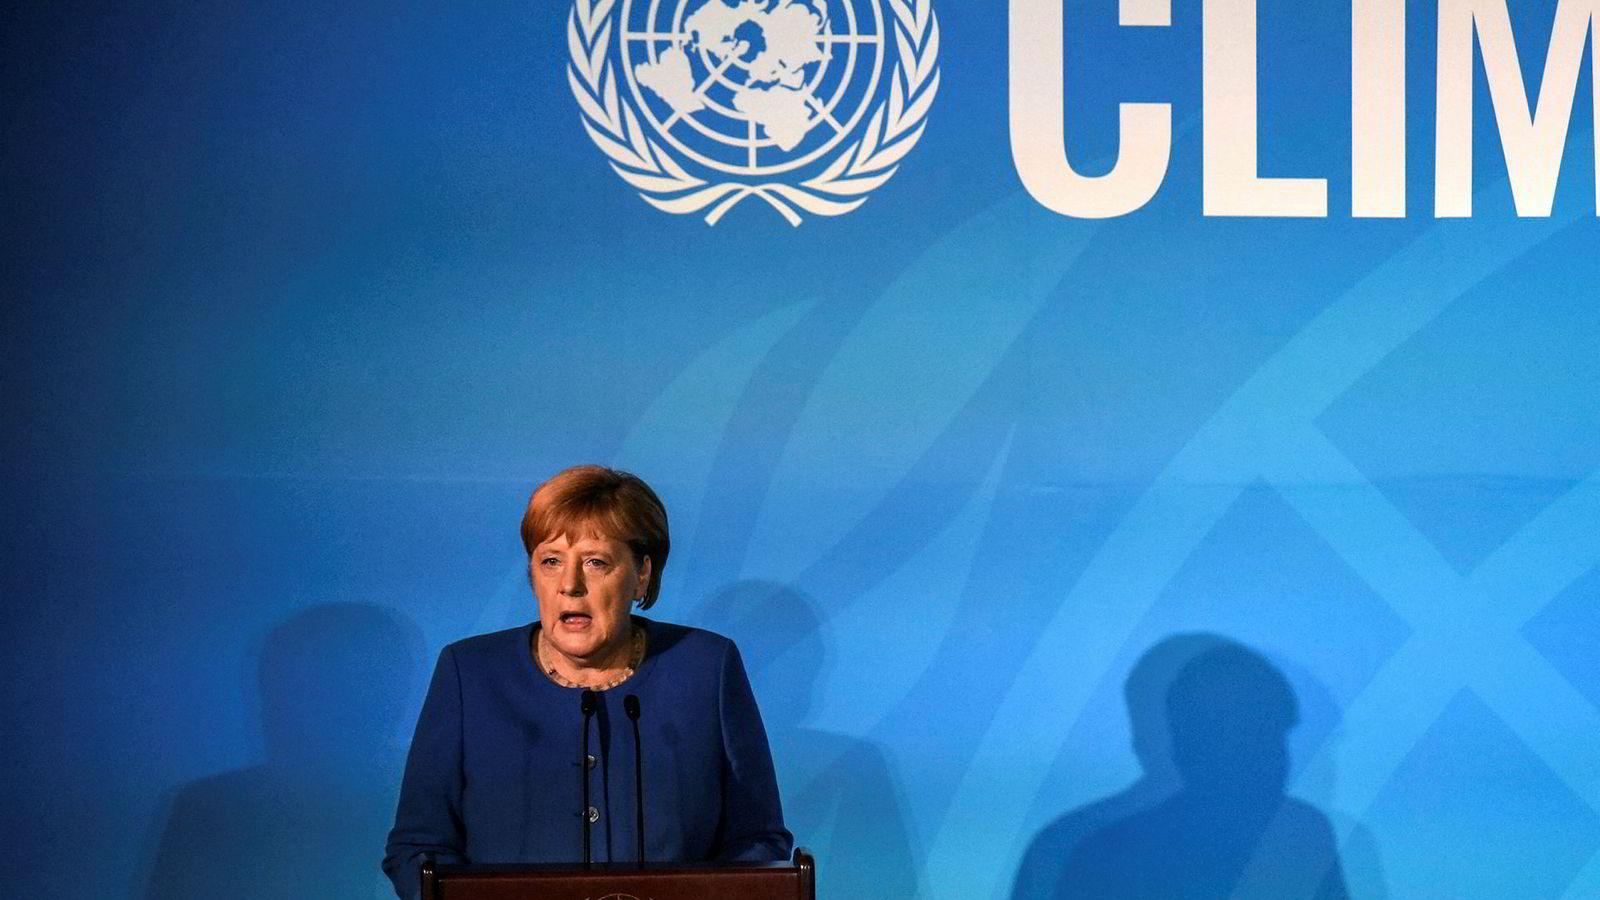 Angela Merkel, den tyske forbundskansleren, talte på FN-toppmøtet om klimas første dag.